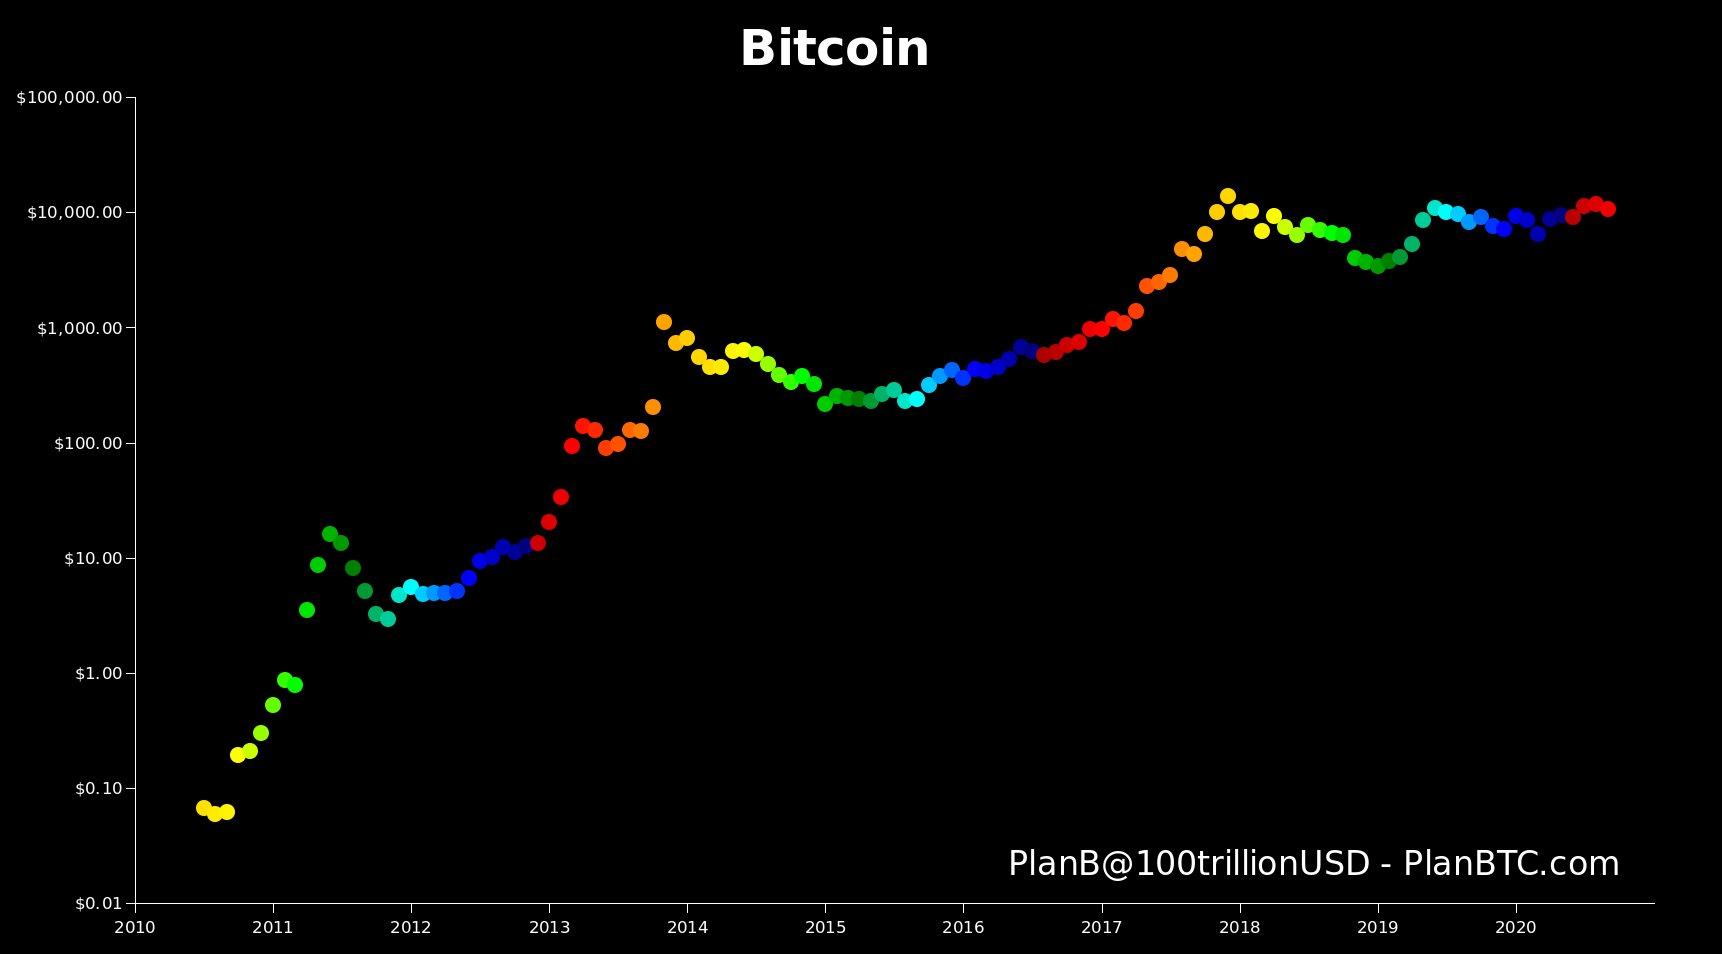 Котировки биткоин, демонстрация текущей фазы нахождения цены биткоина